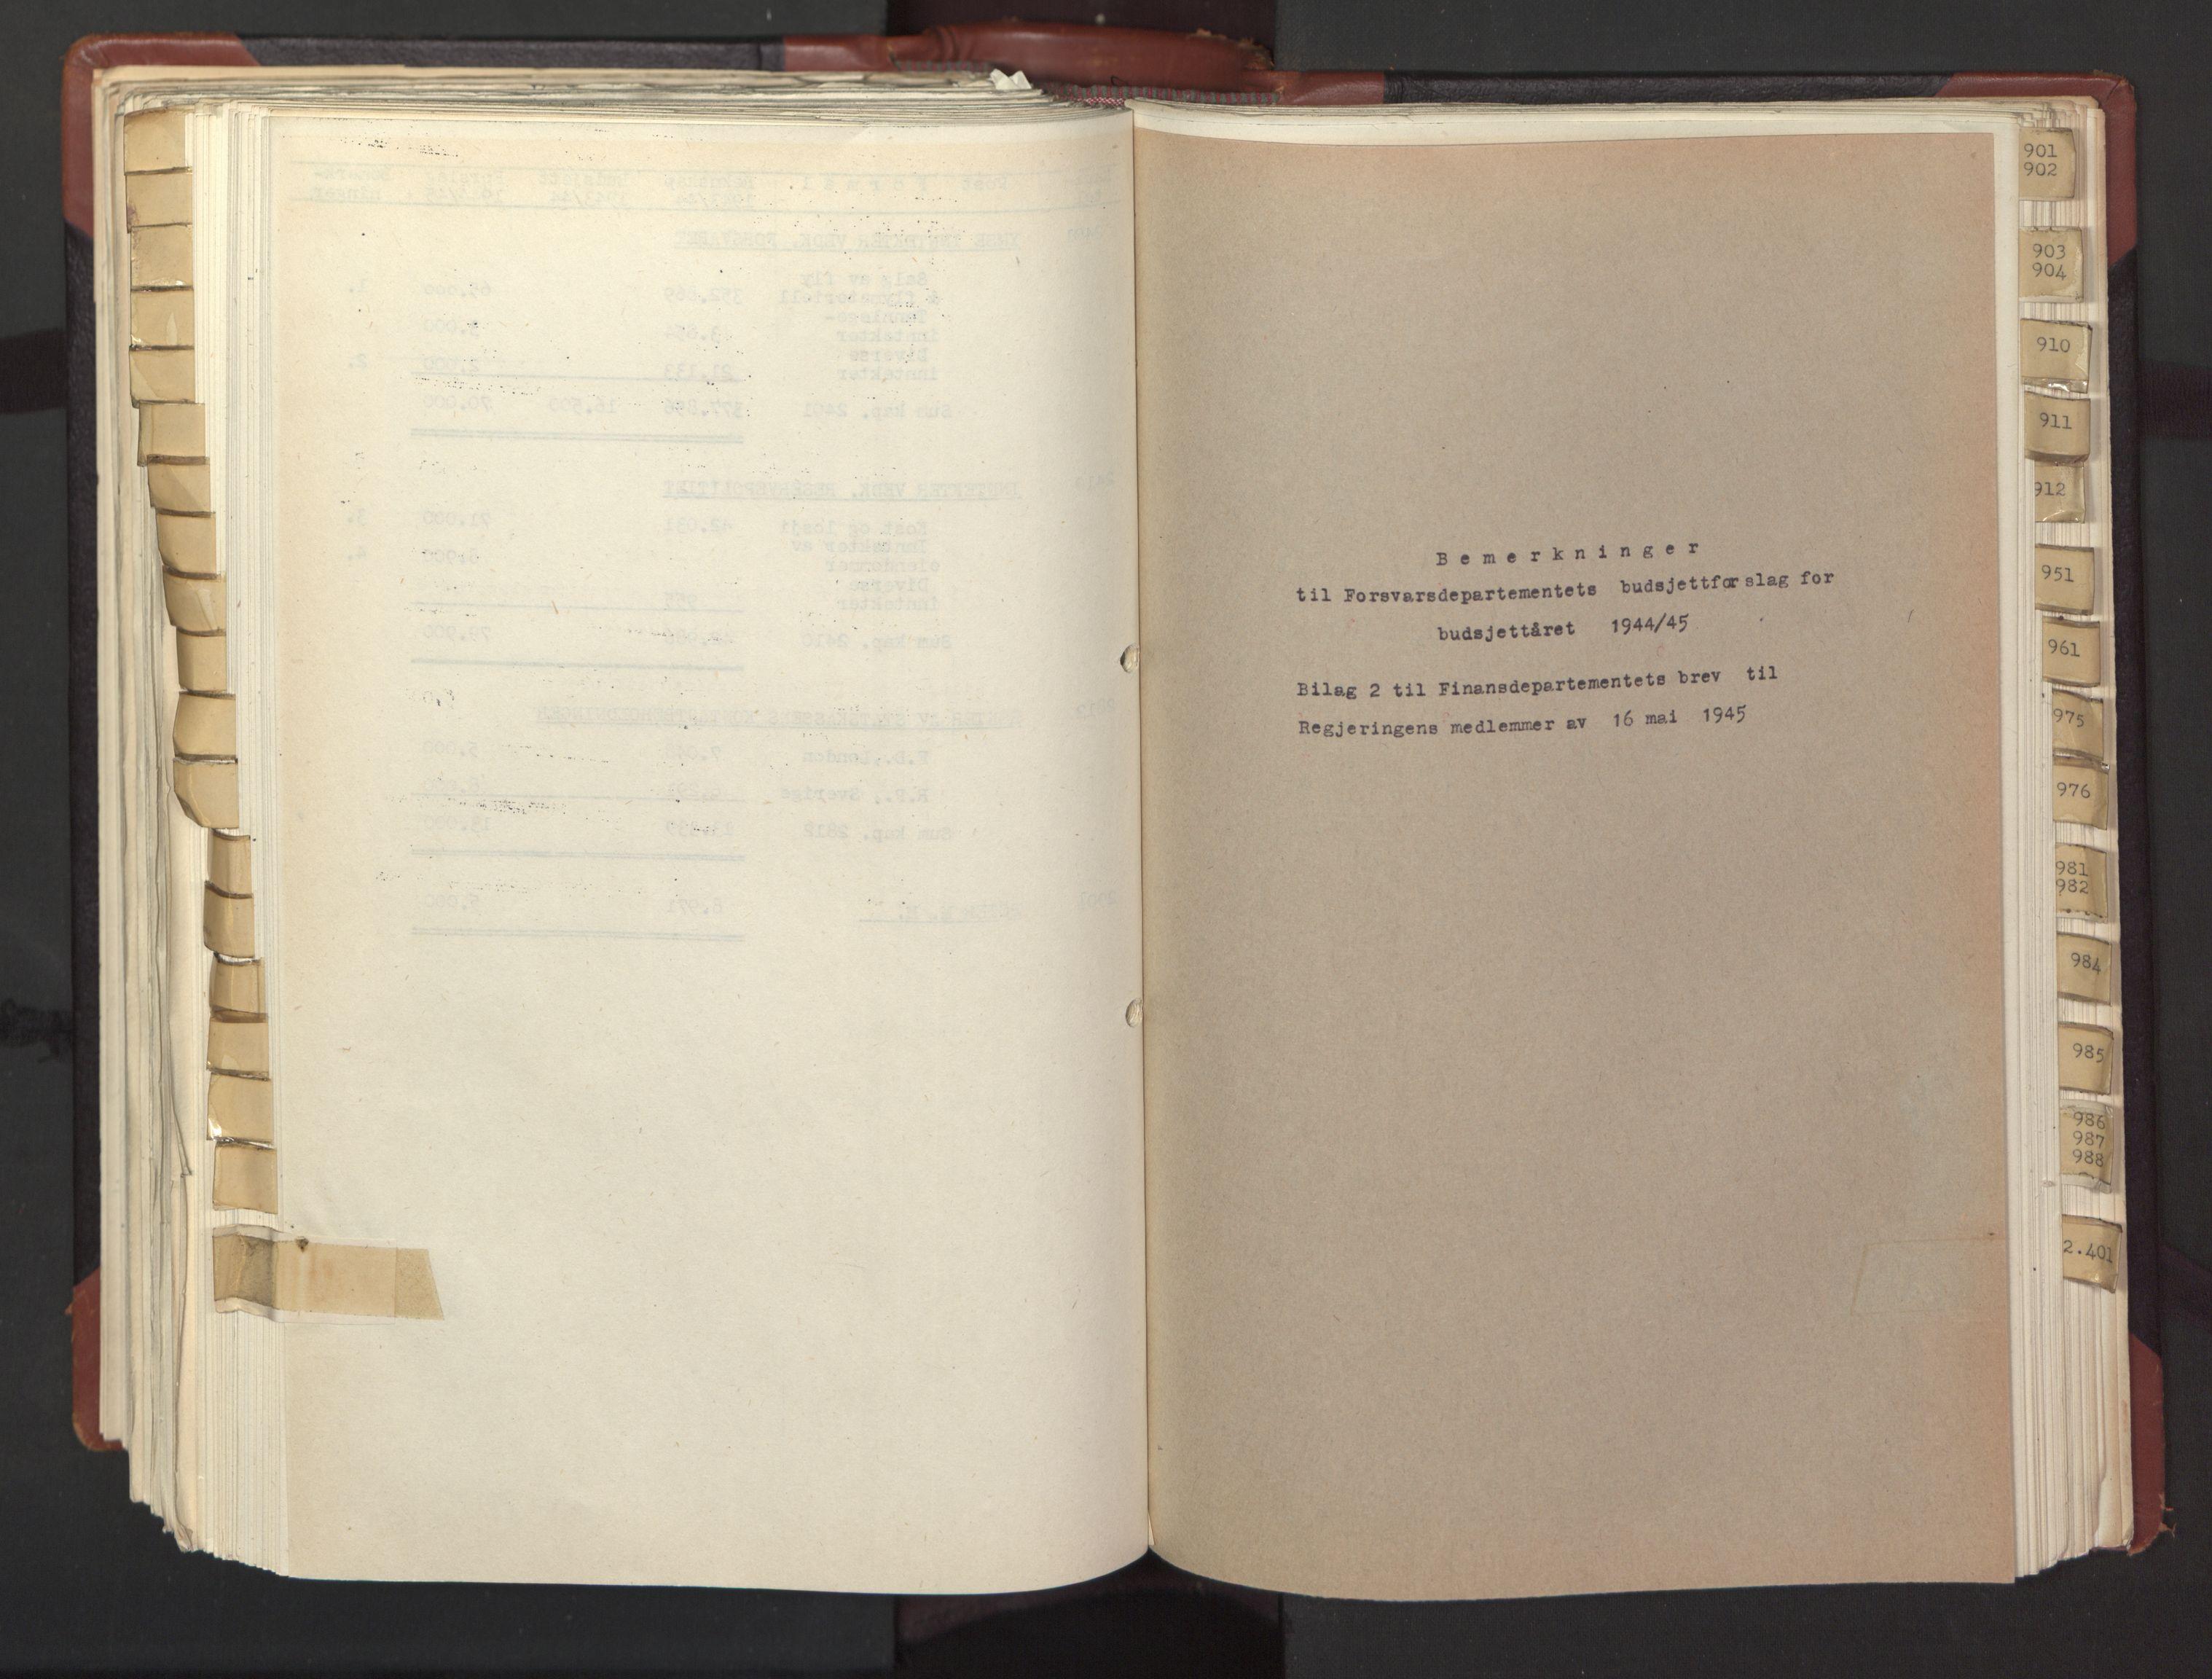 RA, Statsrådssekretariatet, A/Ac/L0126: Kgl. res. 12/1-25/5, 1945, s. upaginert